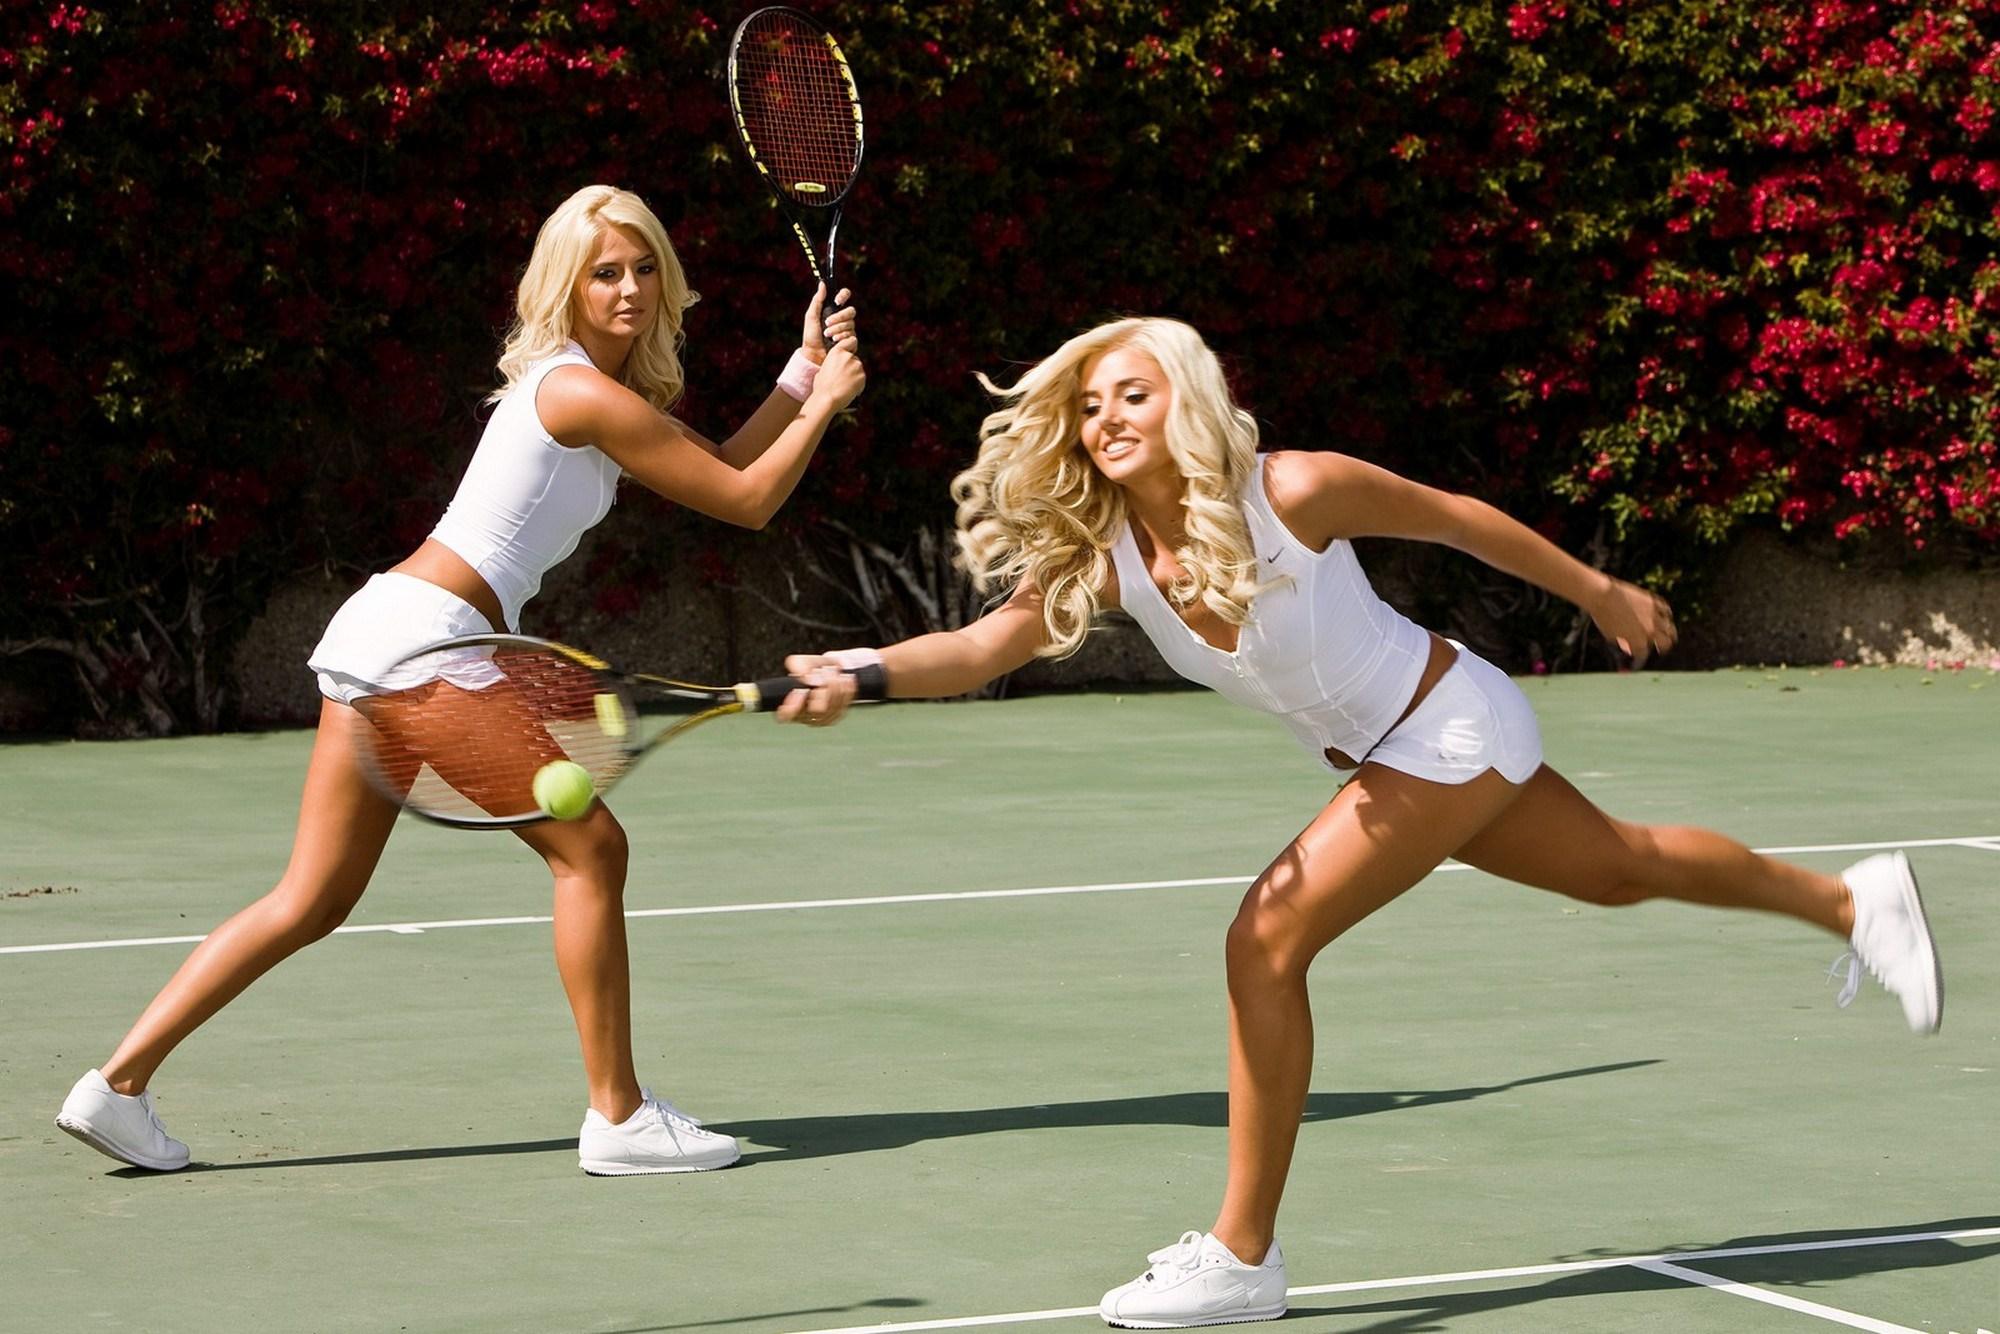 Секс после игра теннис 10 фотография